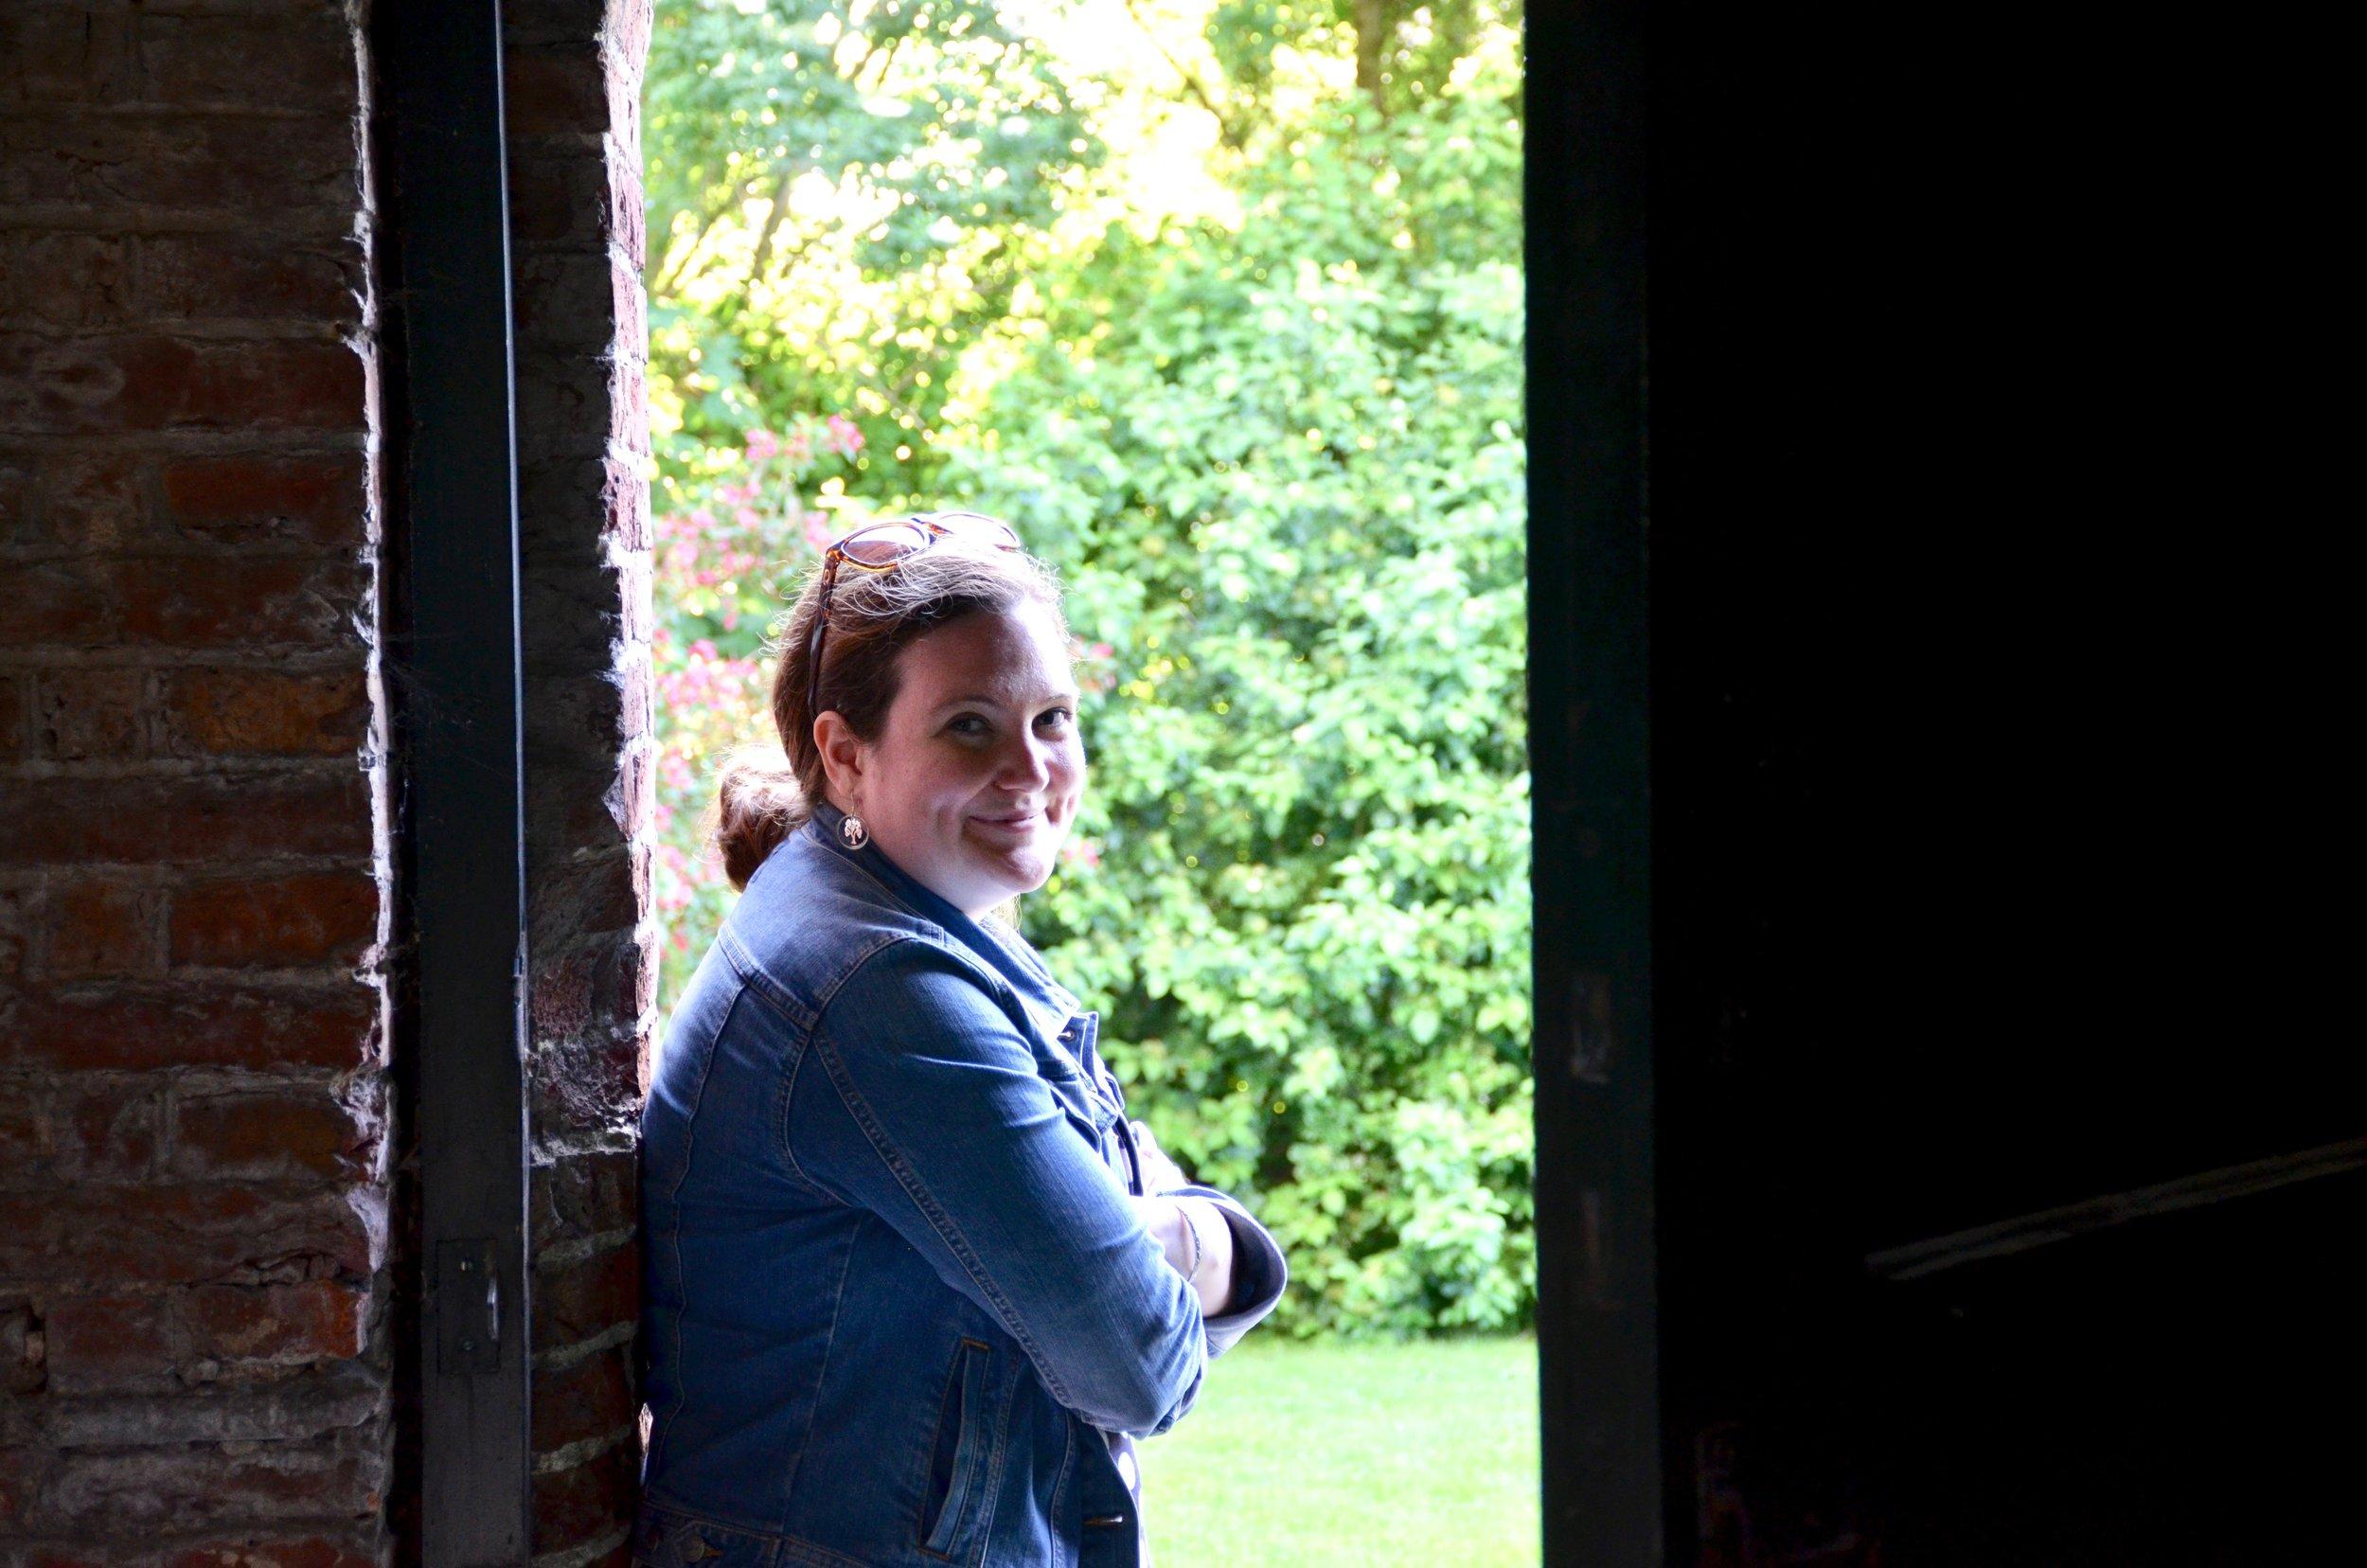 Chelsea Keating at Michaëlkerk, Mensingeweer, Holland.